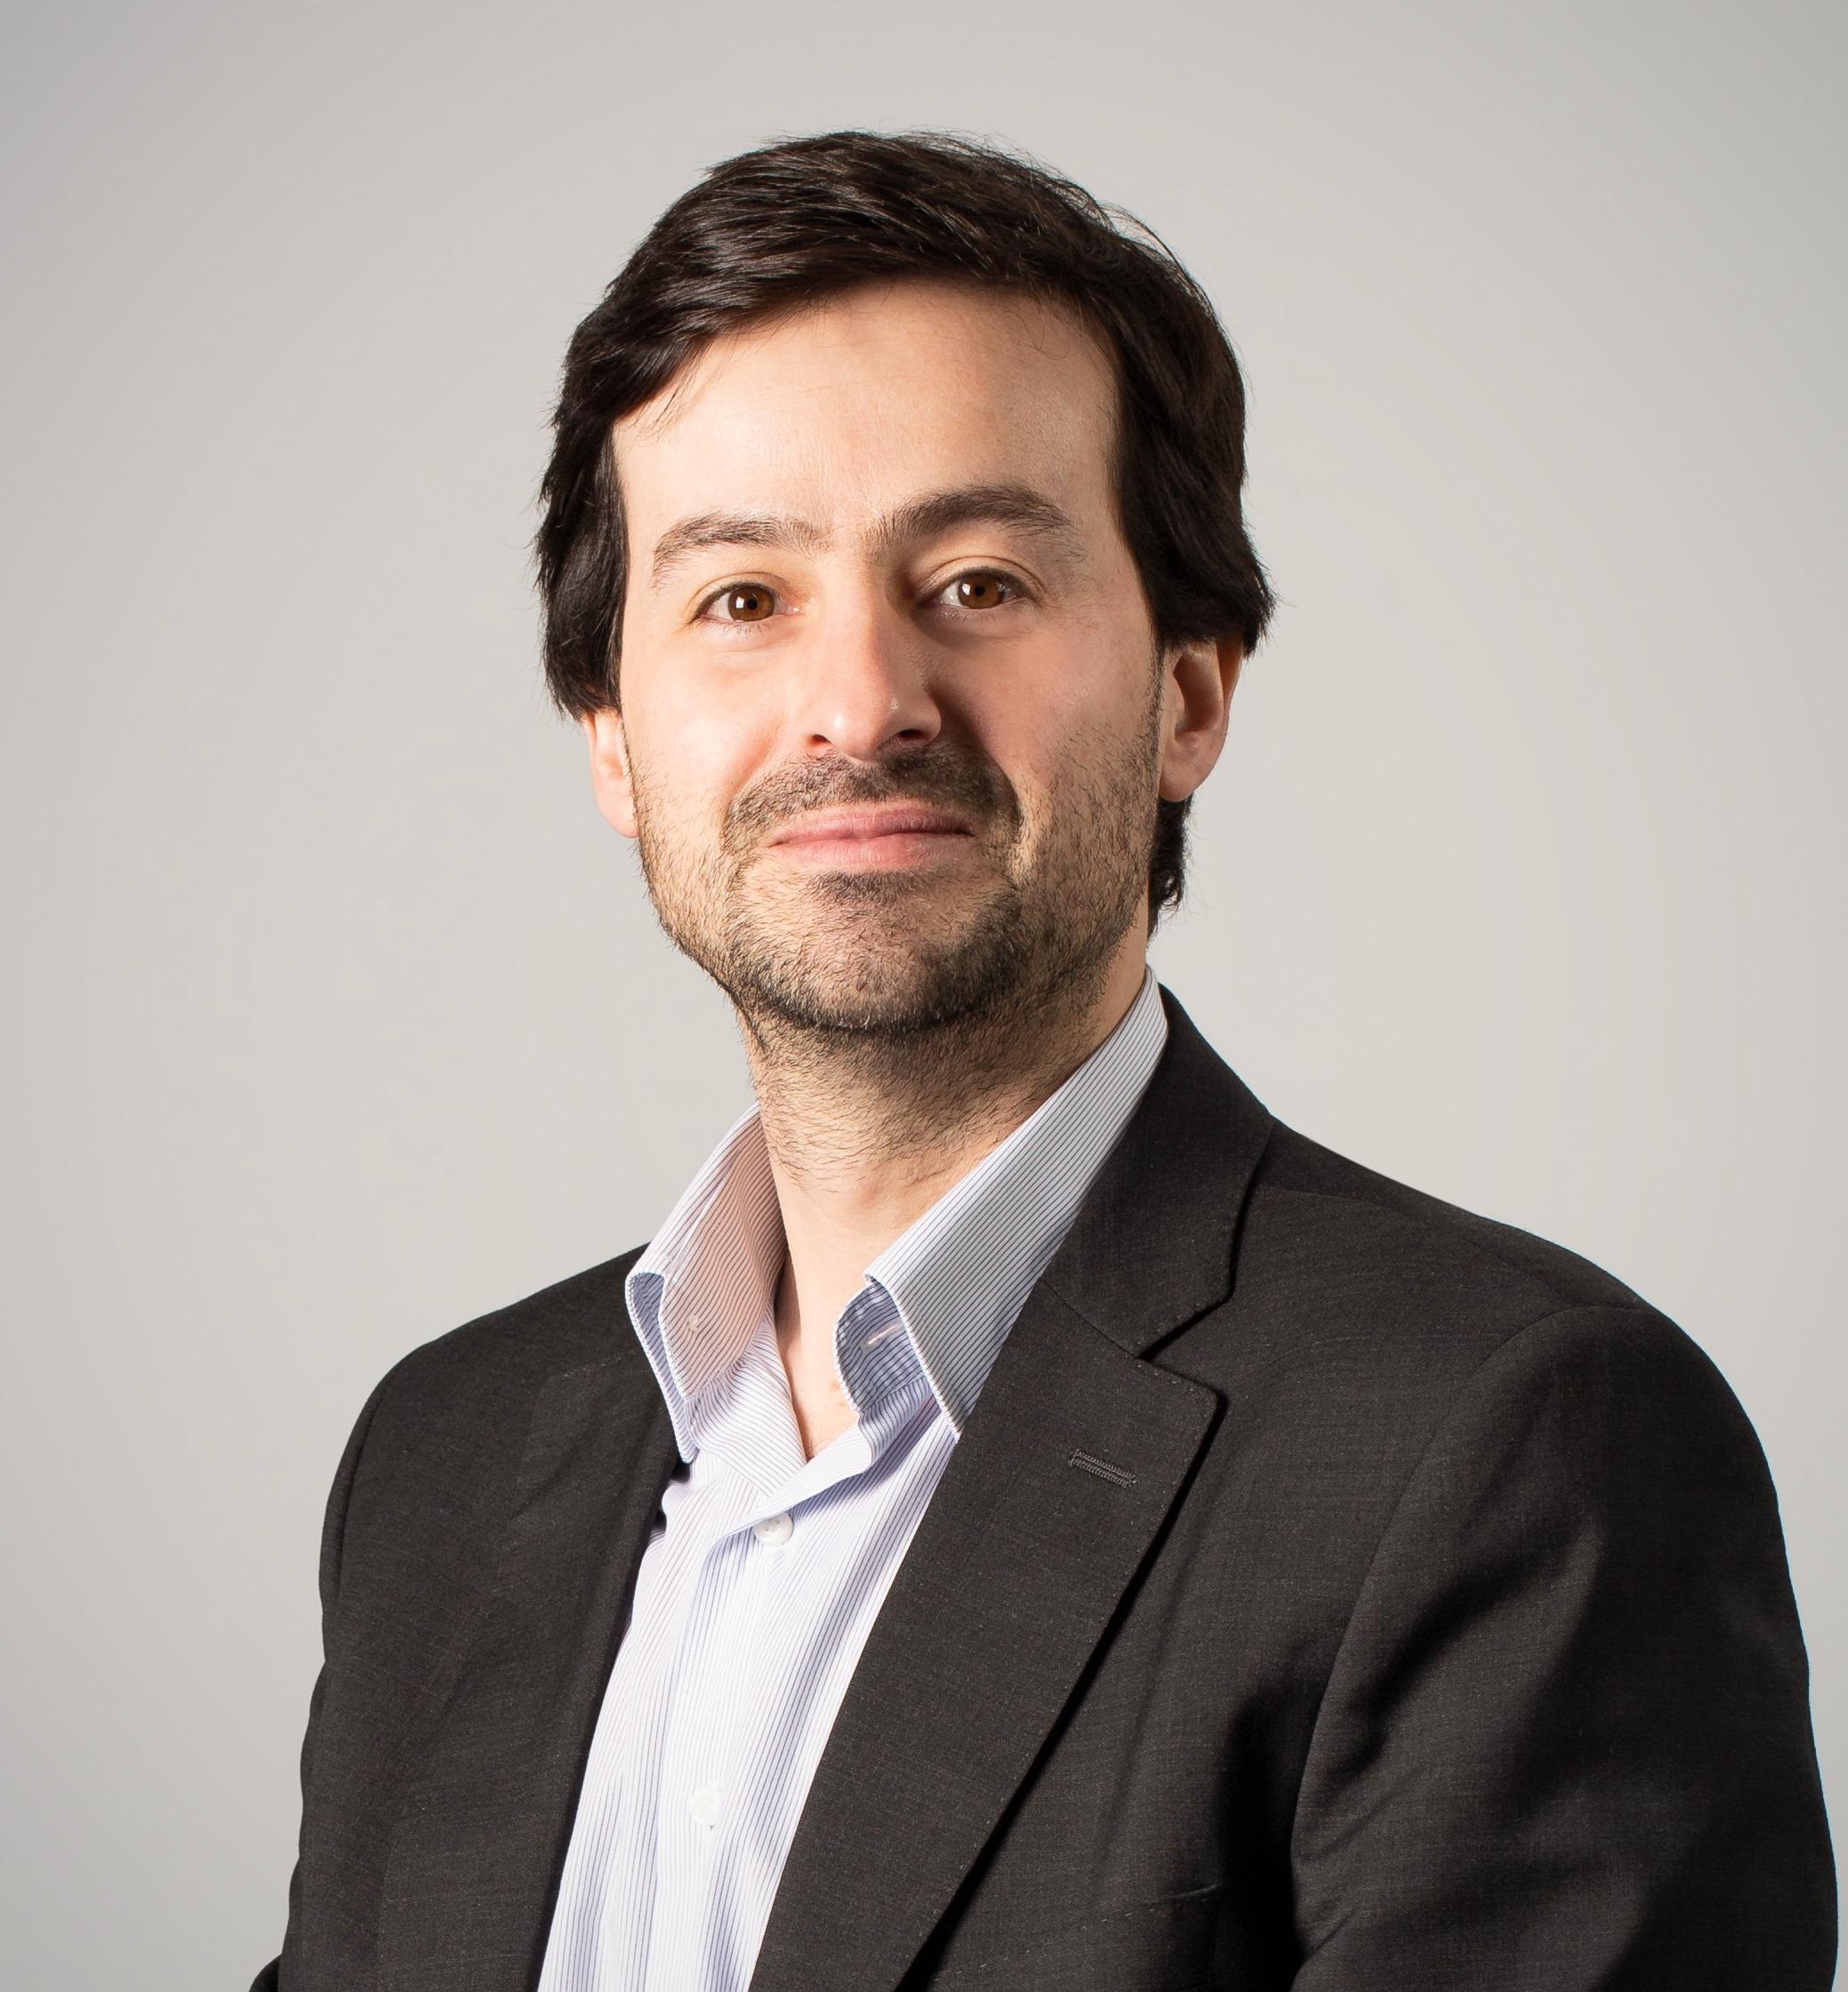 Pedro Gomes da Cunha